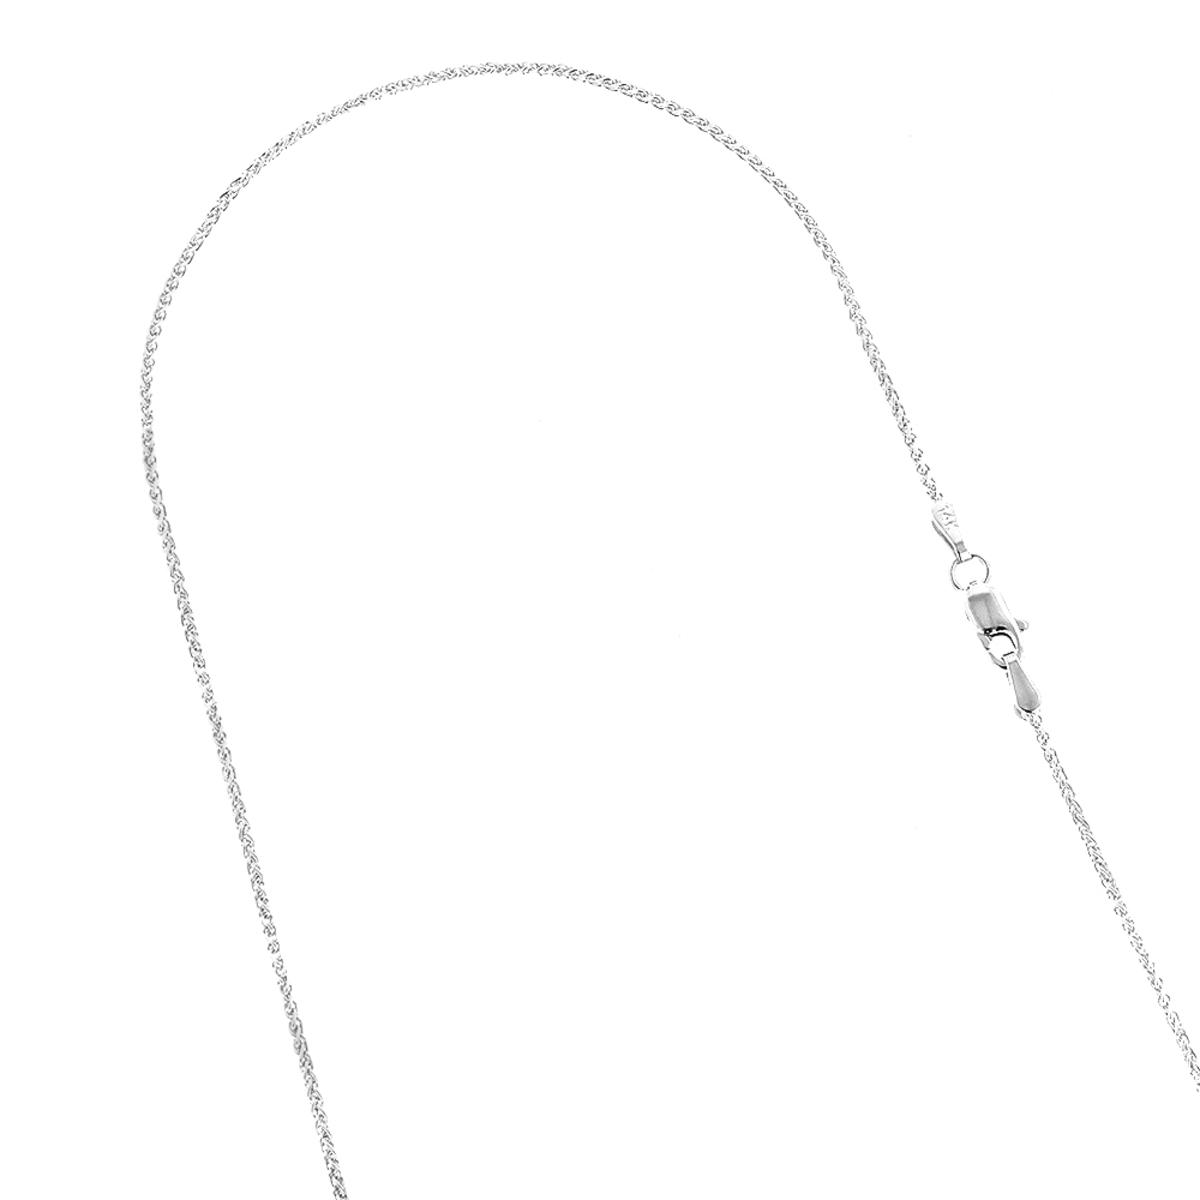 LUXURMAN Solid 14k Gold Wheat Chain For Men & Women 1.2mm Wide